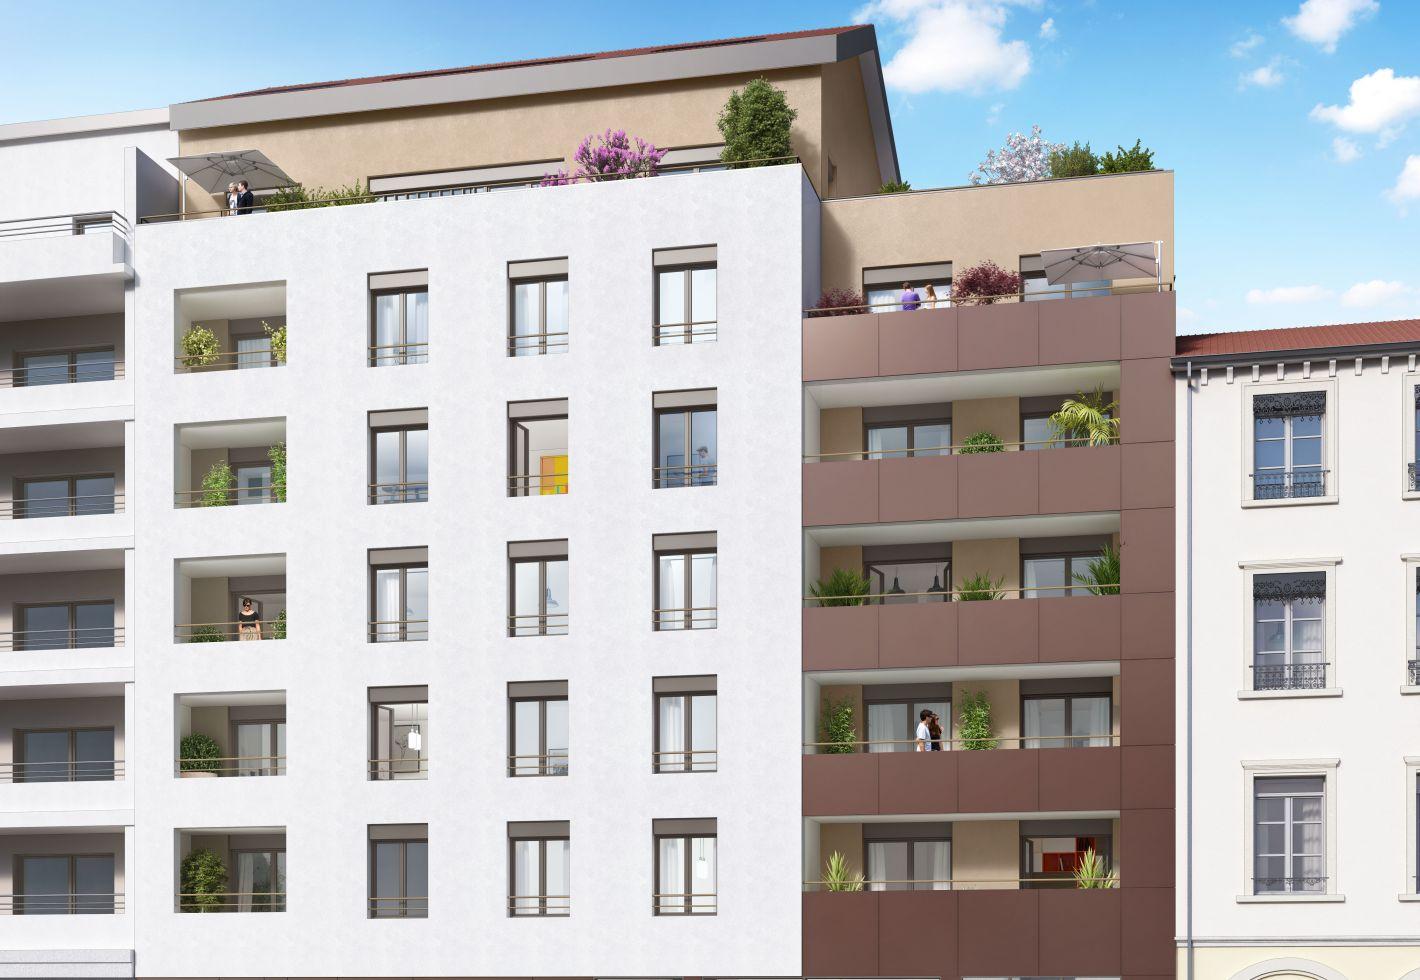 Immobilier neuf à Lyon : où en est-on ?